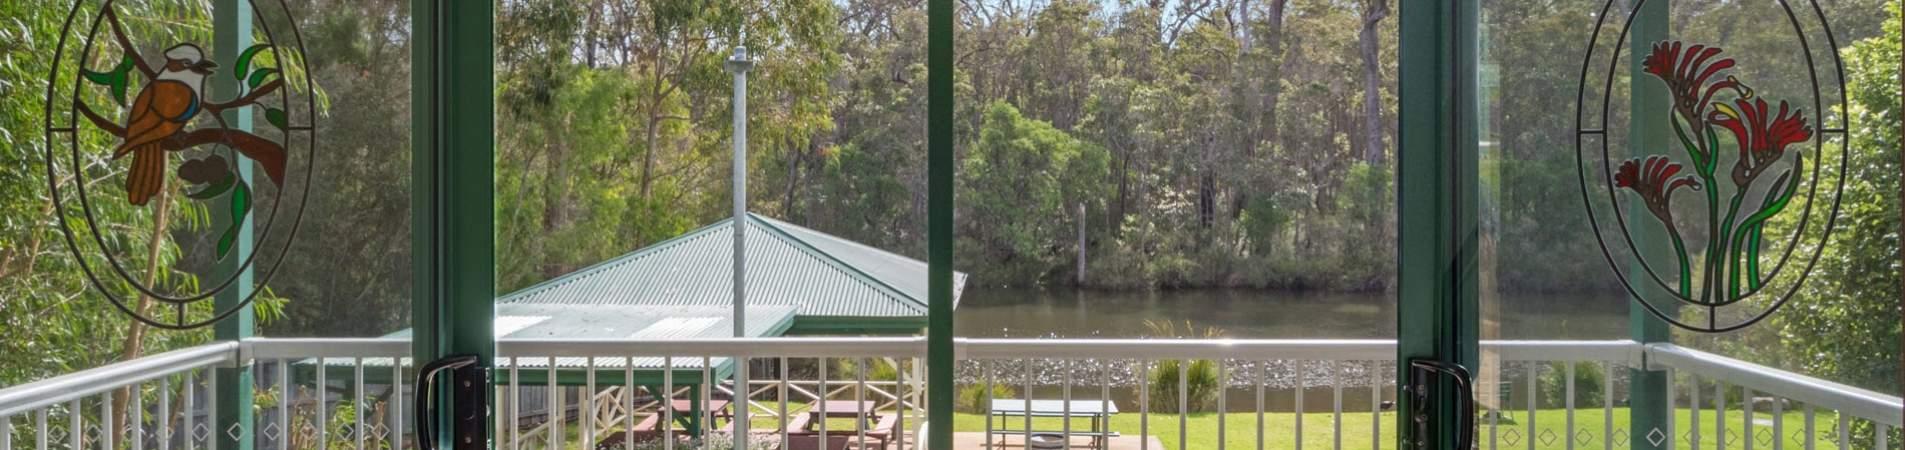 riverview tourist park margaret river - banner 2